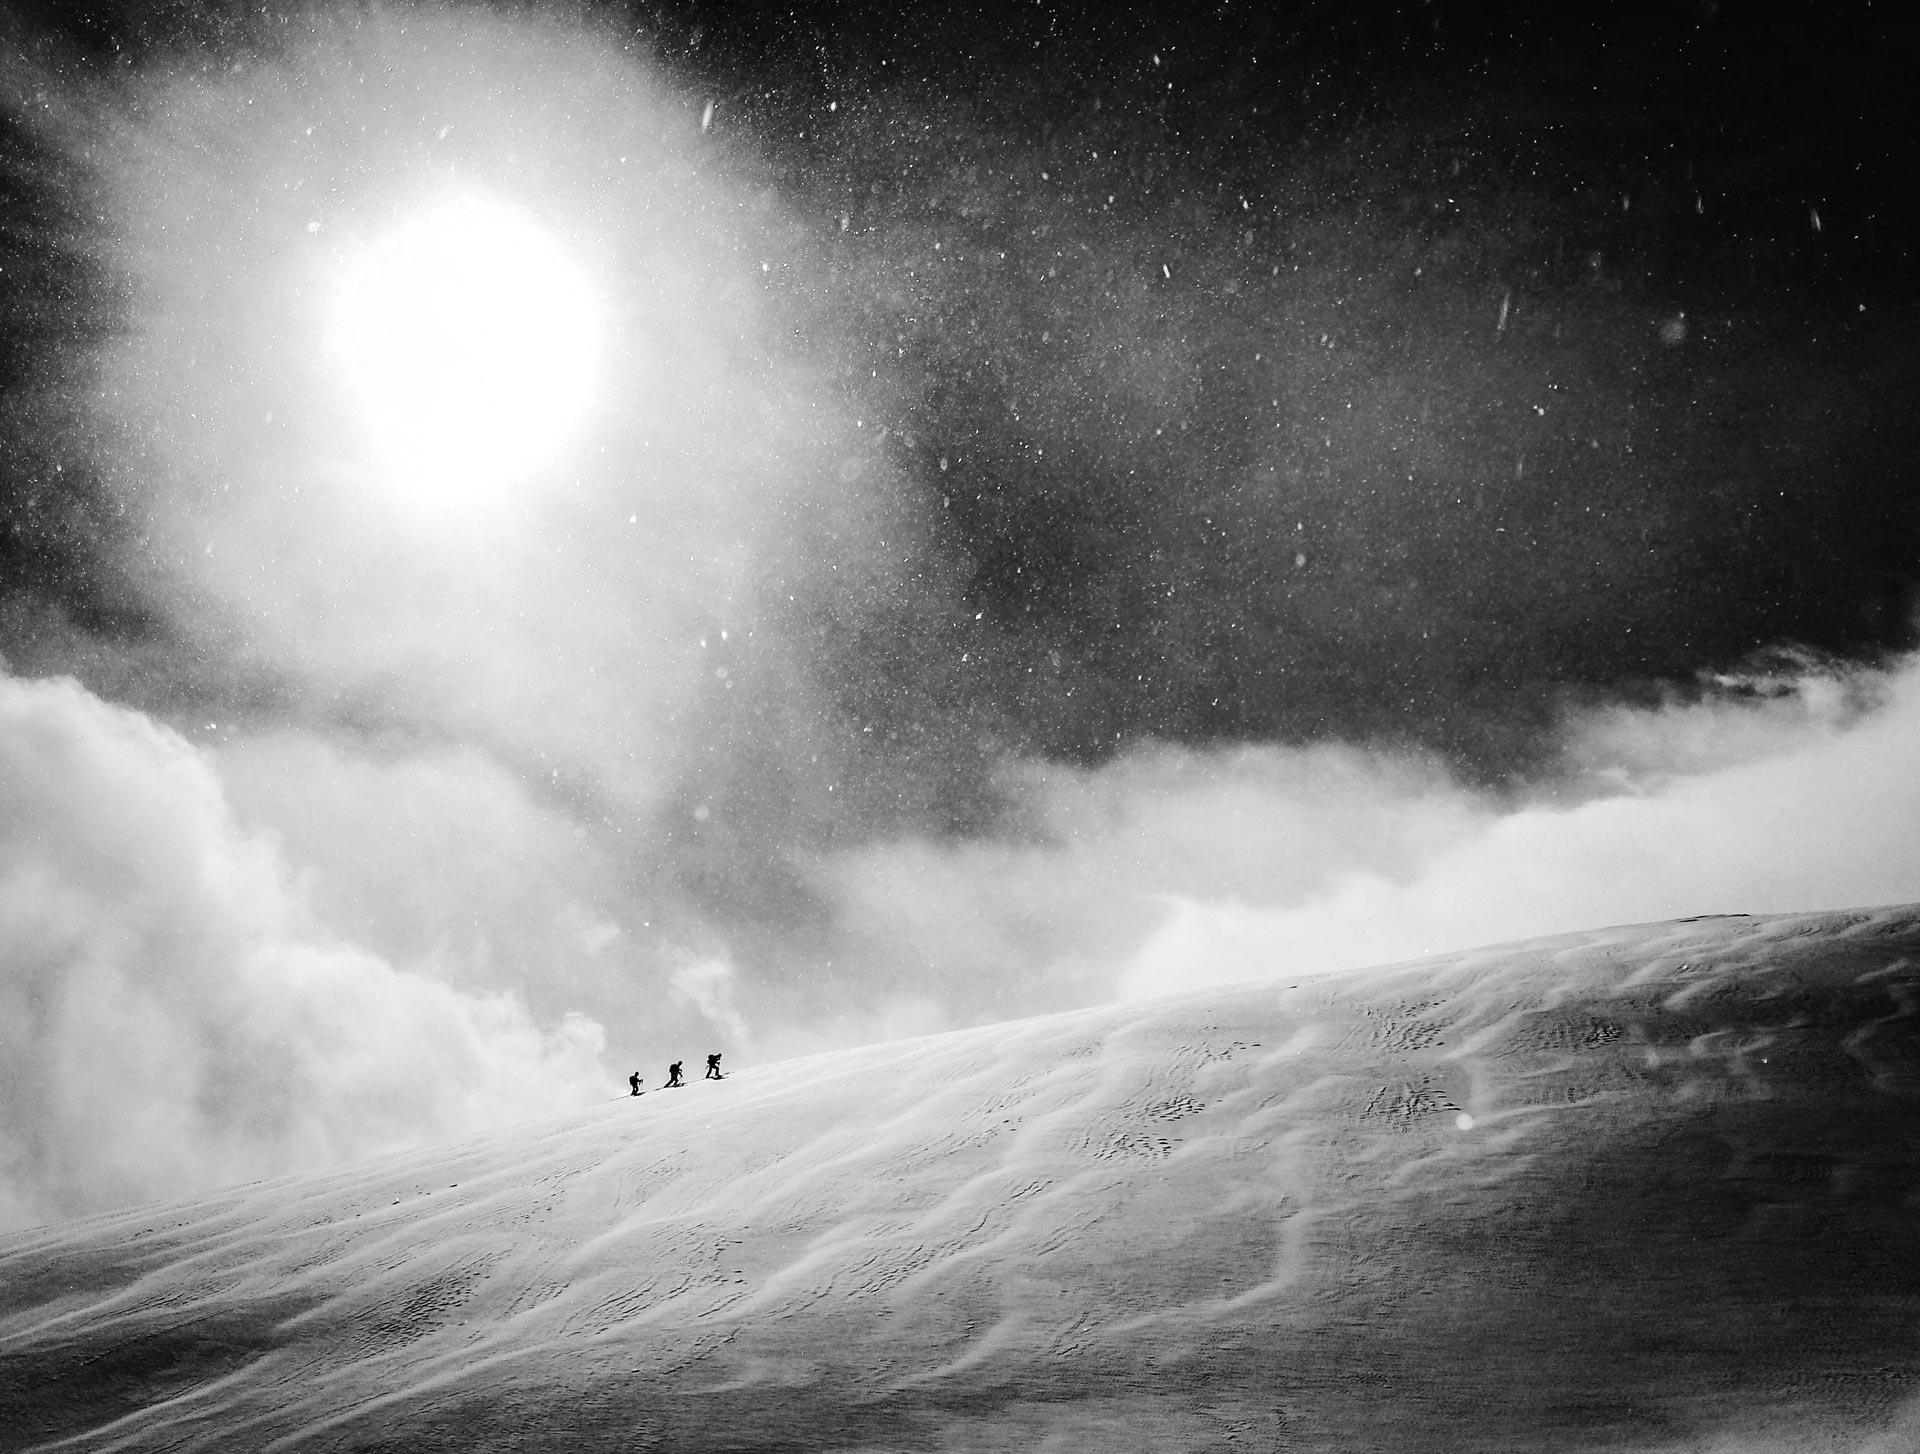 Gewinner in der neuen Kategorie Mobile: Vegard Aasen (Norwegen). Ein Black & White Shot von einer Mountaineering Gruppe in Hakuba (Japan)